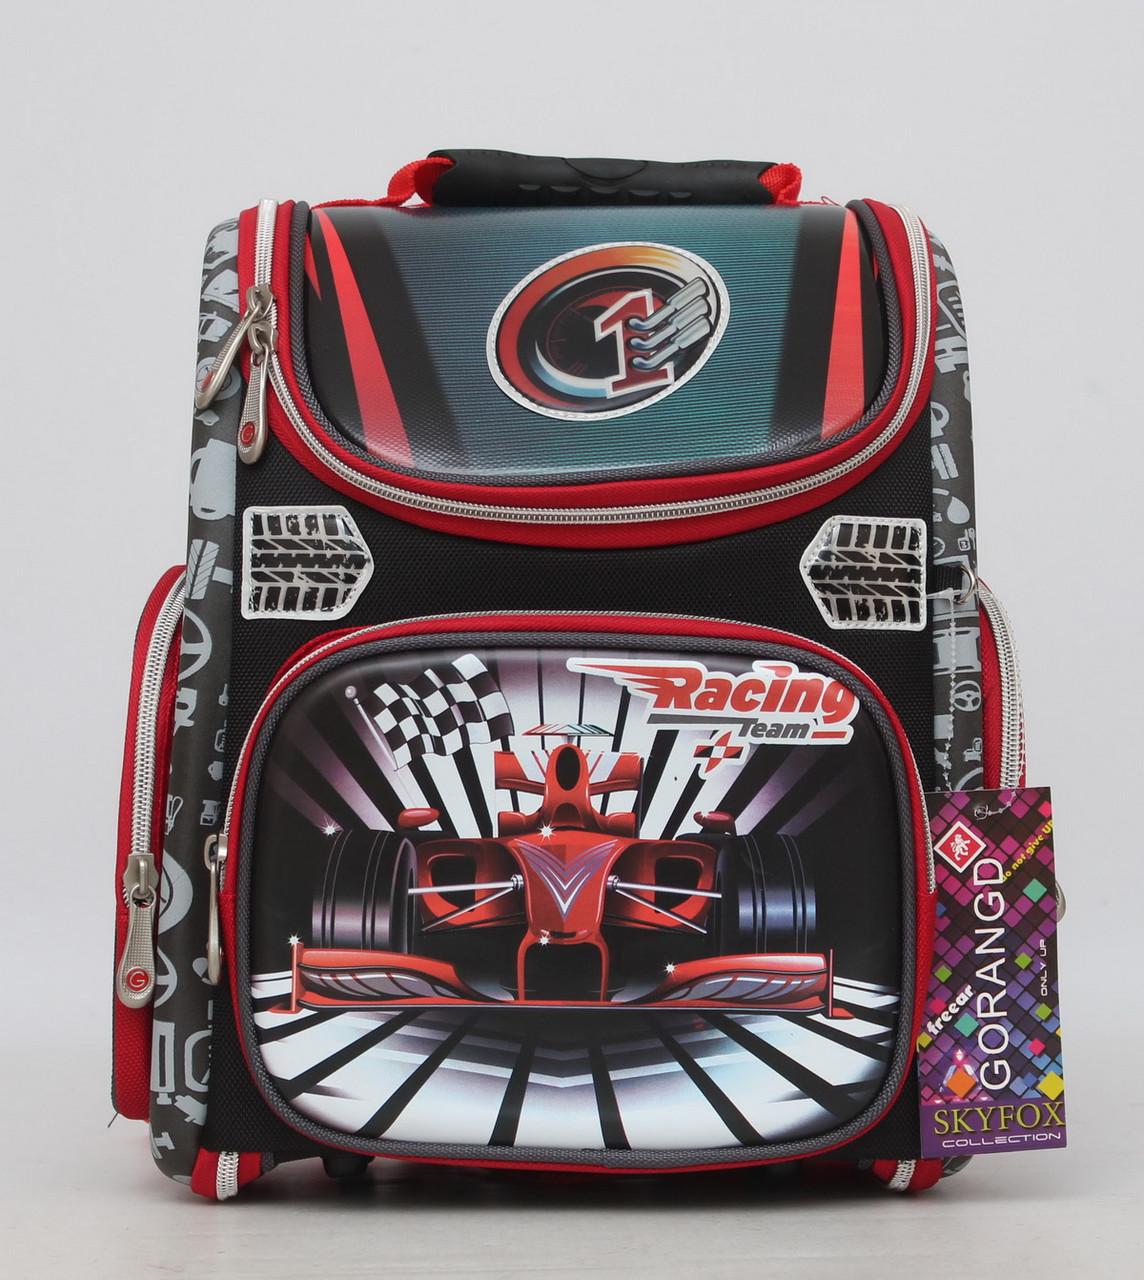 8828c6c66be0 Отличный школьный рюкзак. Ортопедический рюкзак. Рюкзак для мальчика.  Хорошее качество. Купить.